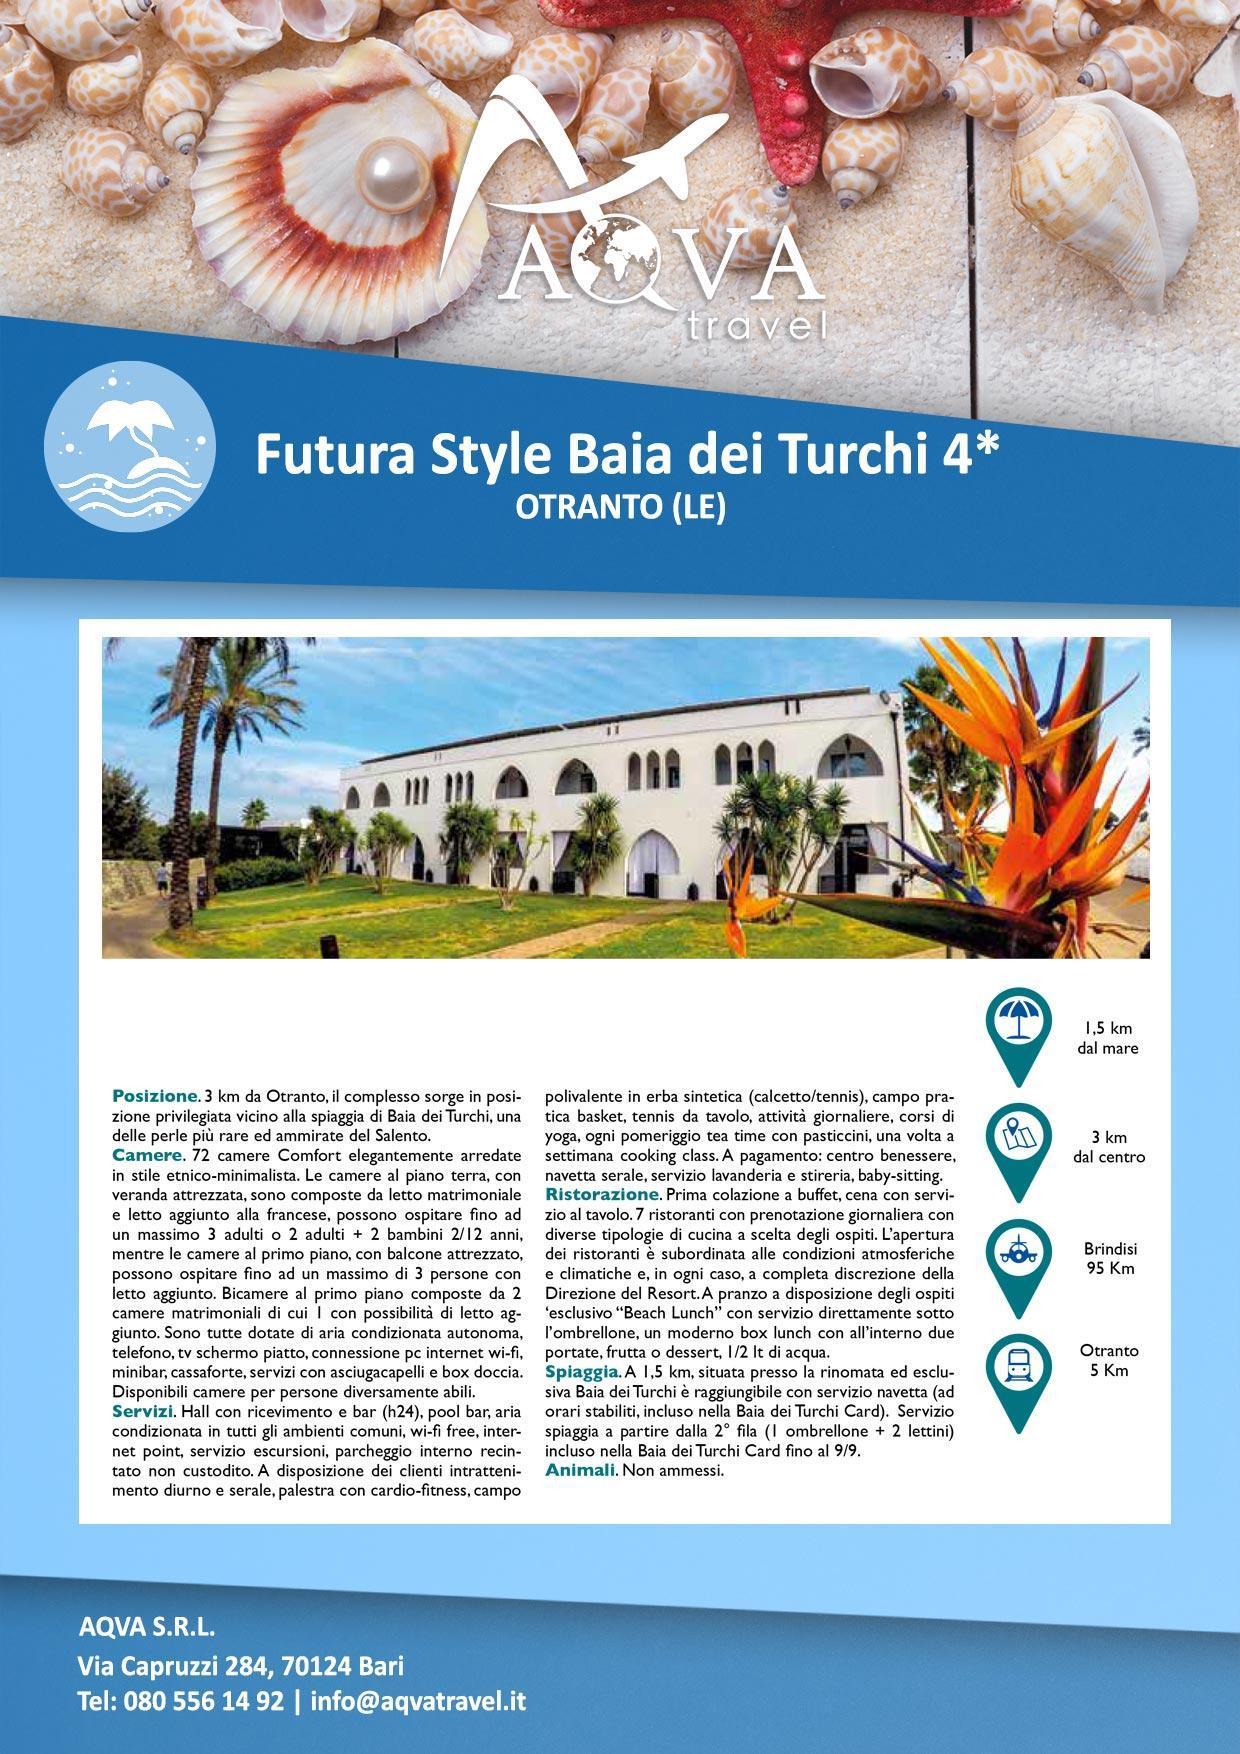 Futura-Style-Baia-dei-Turchi-Mare-offerte-agenzia-di-viaggi-Bari-AQVATRAVEL-it